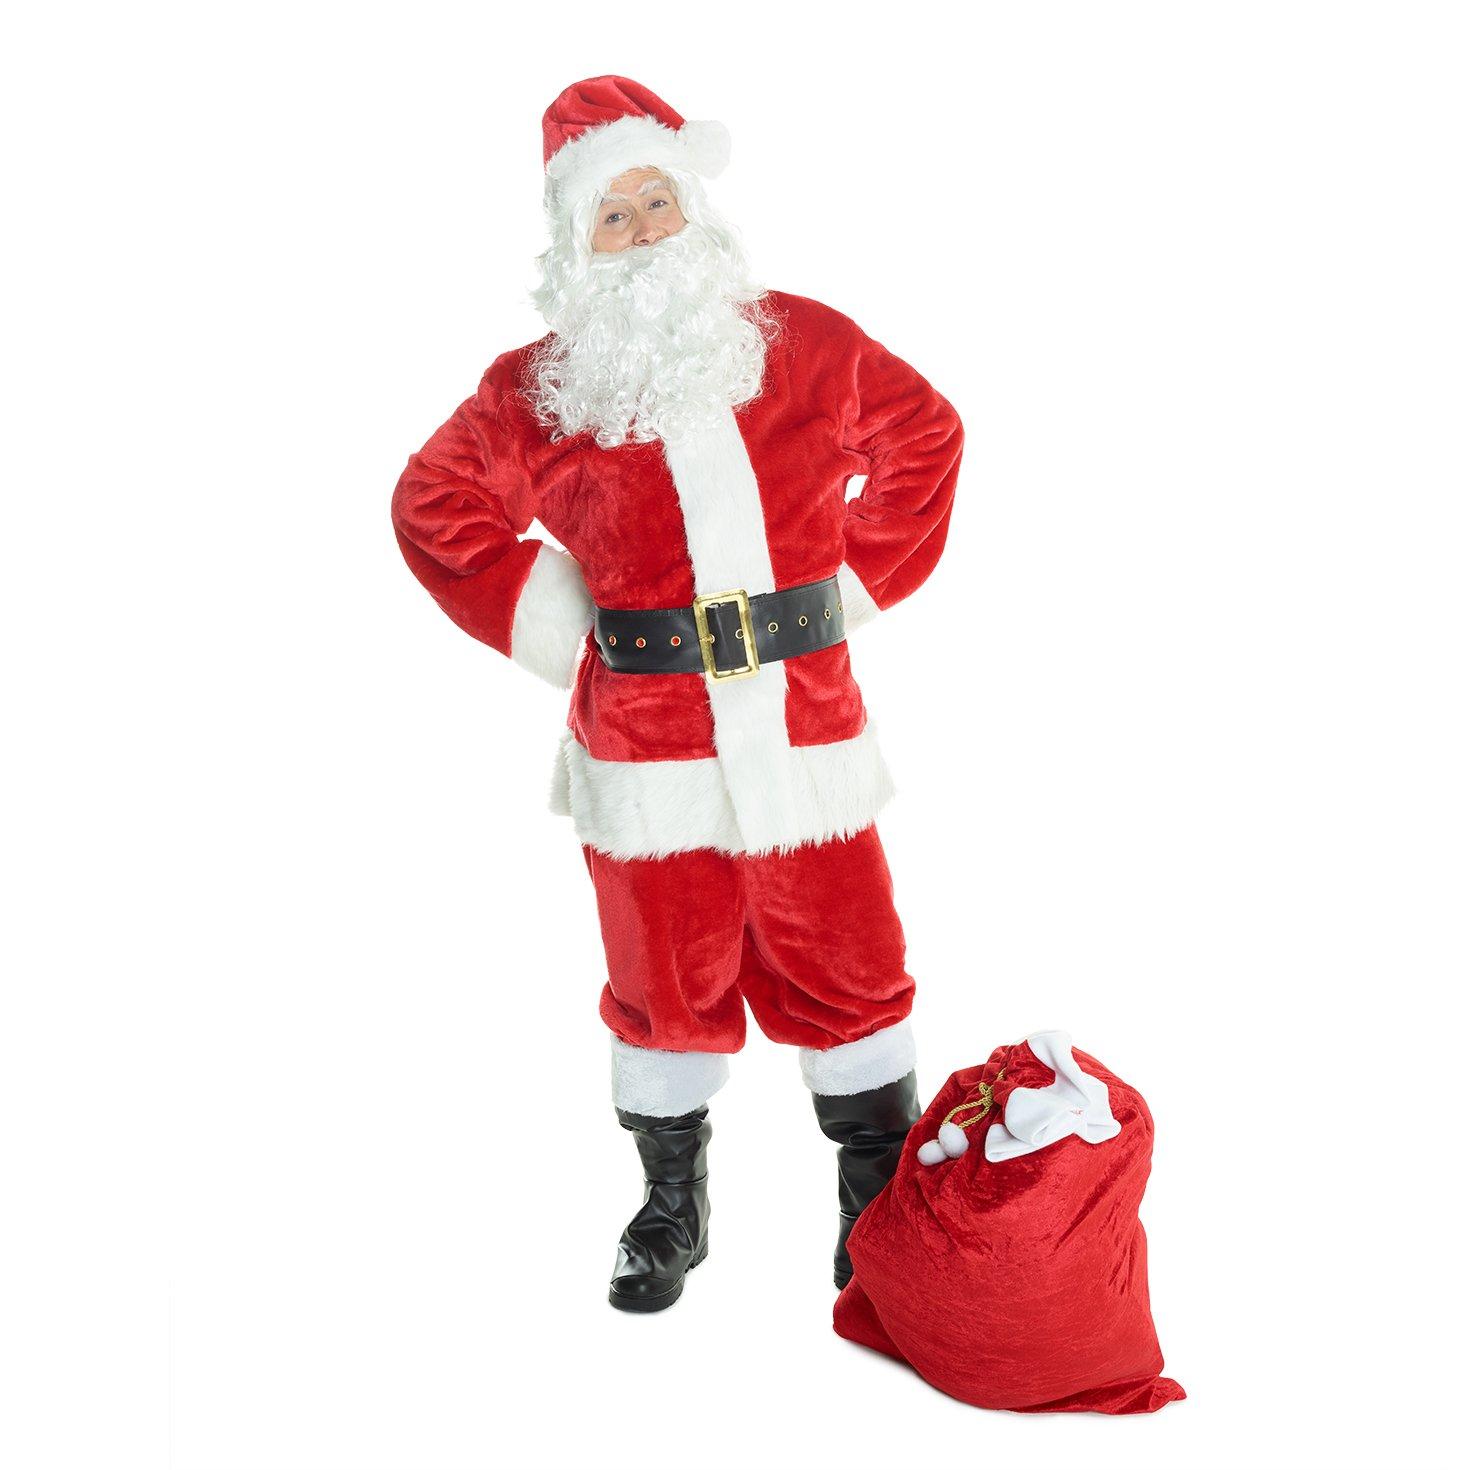 a175de4457d Amazon.com  Mens Santa Claus Costume Father Christmas Suit for Men Festive  Outfit  Clothing